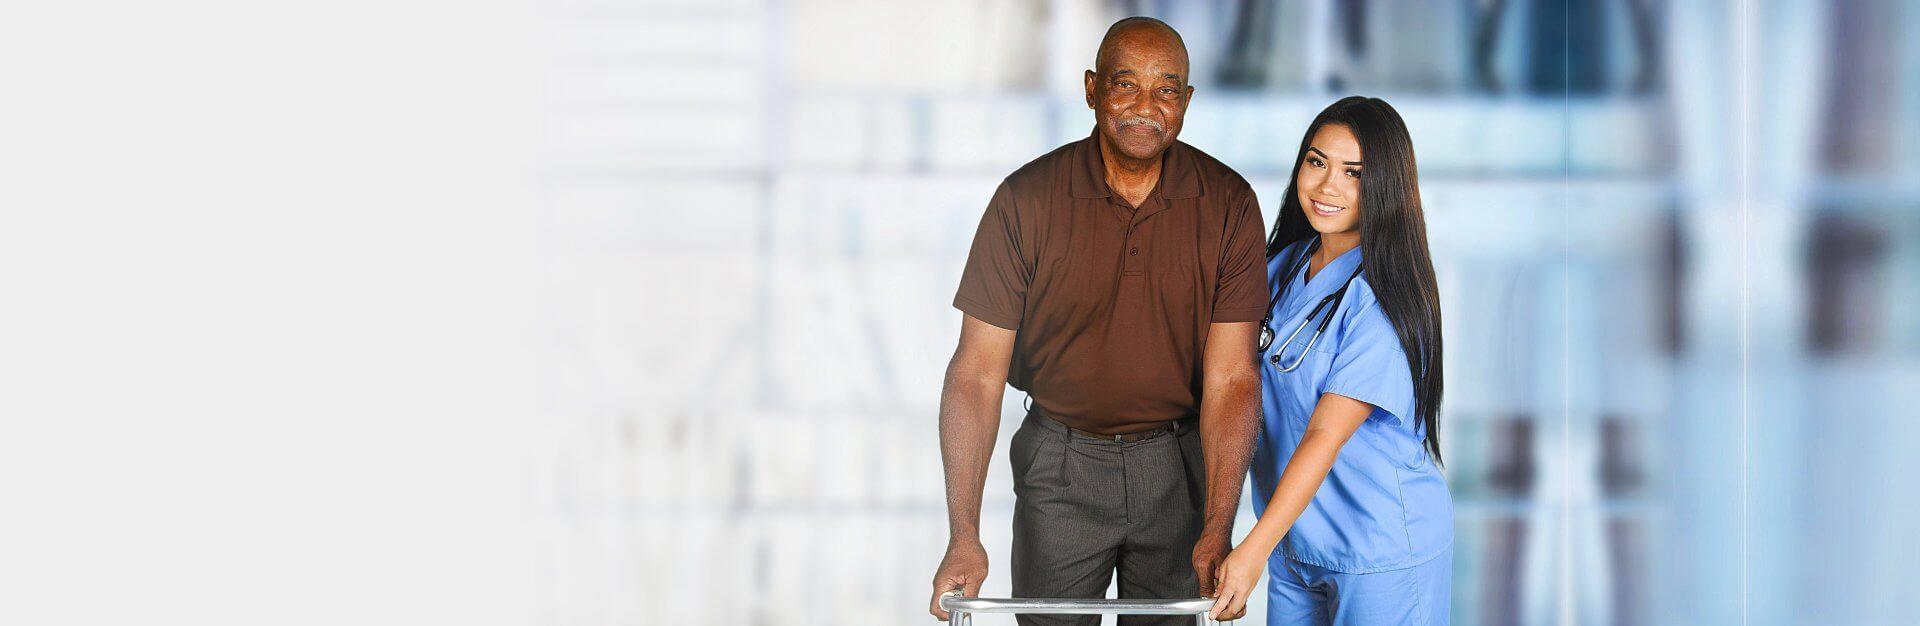 grandpa with his caregiver